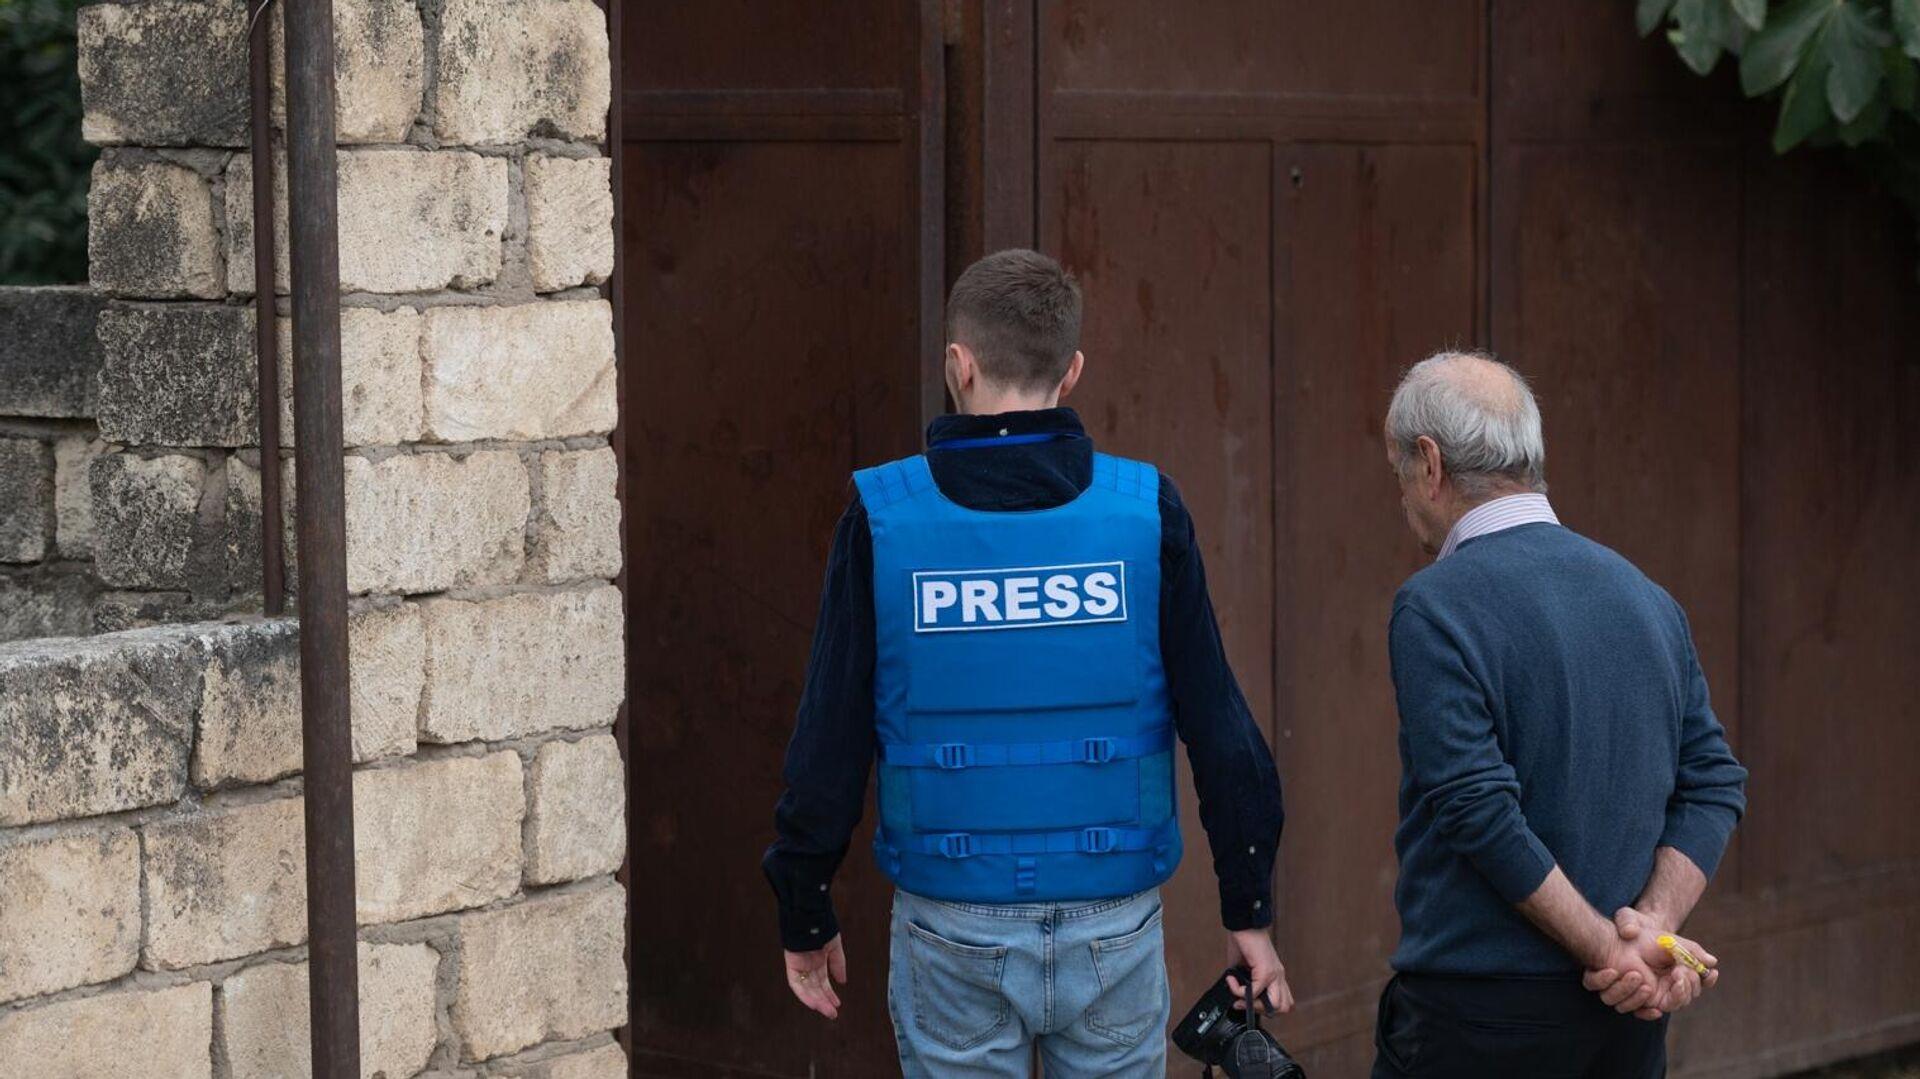 Представитель СМИ и местный житель осматривают пострадавший в результате обстрелов дом в городе Мартуни  - РИА Новости, 1920, 28.09.2020